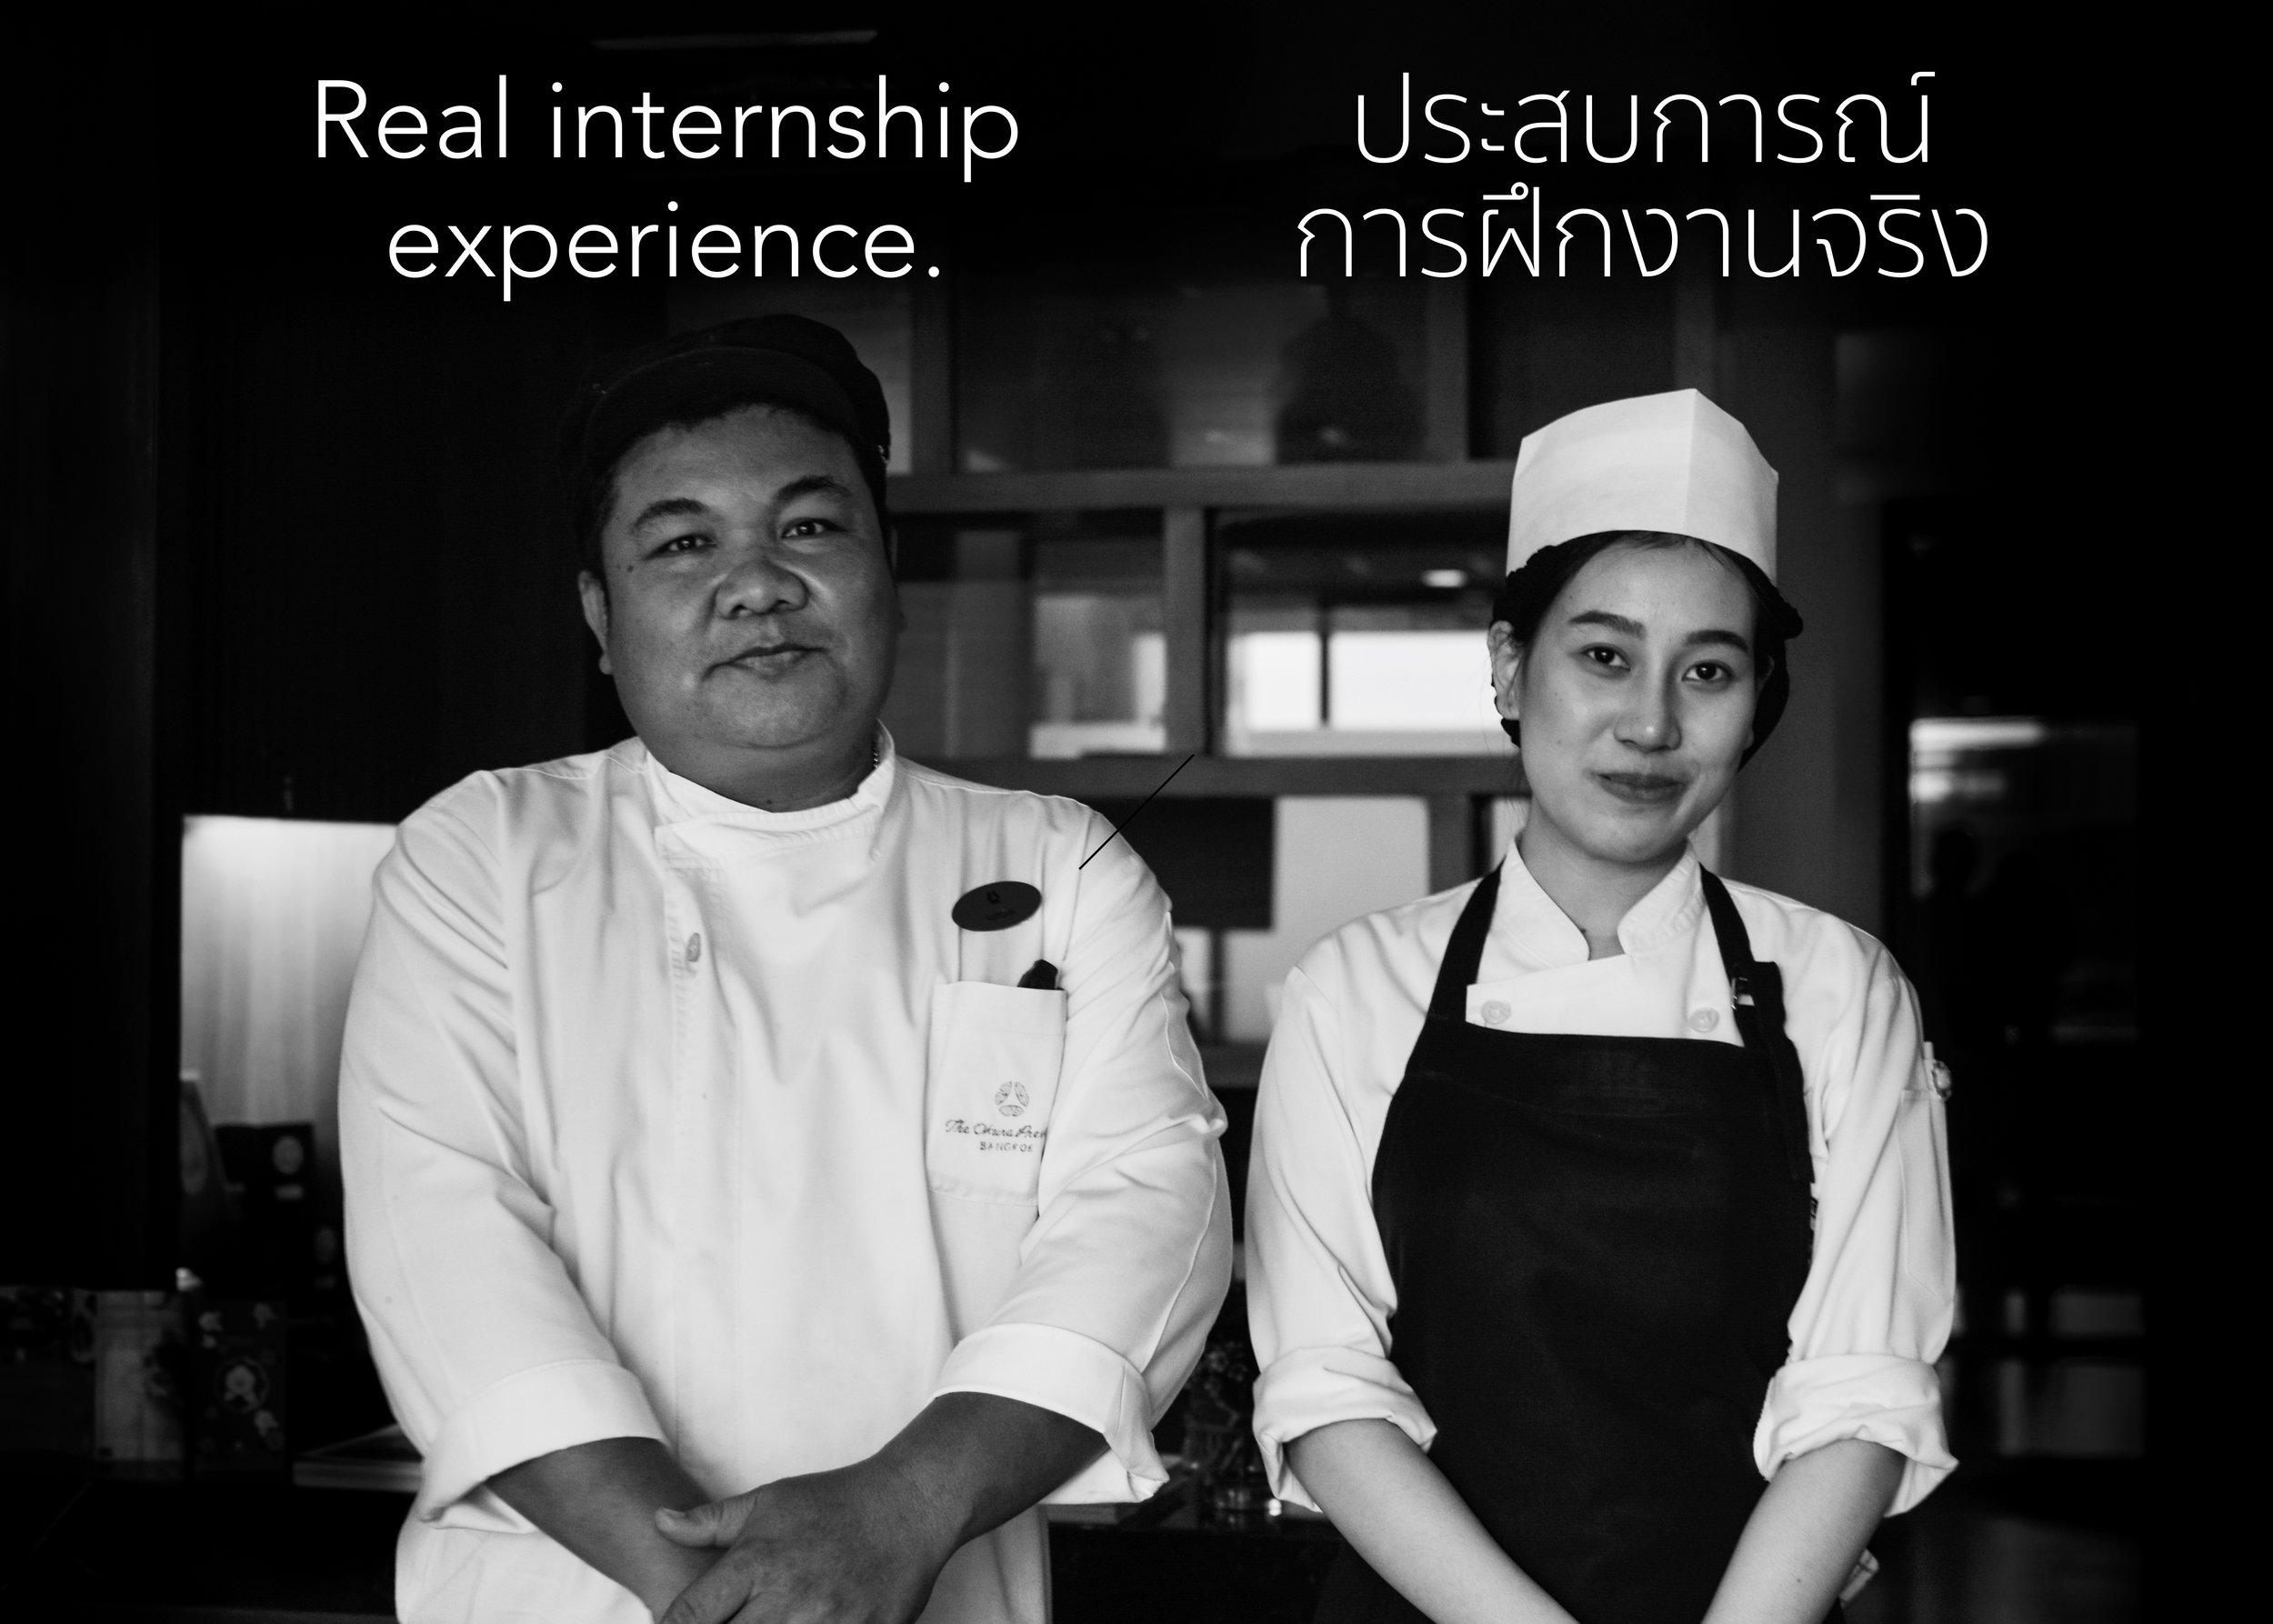 real internship experience.jpg